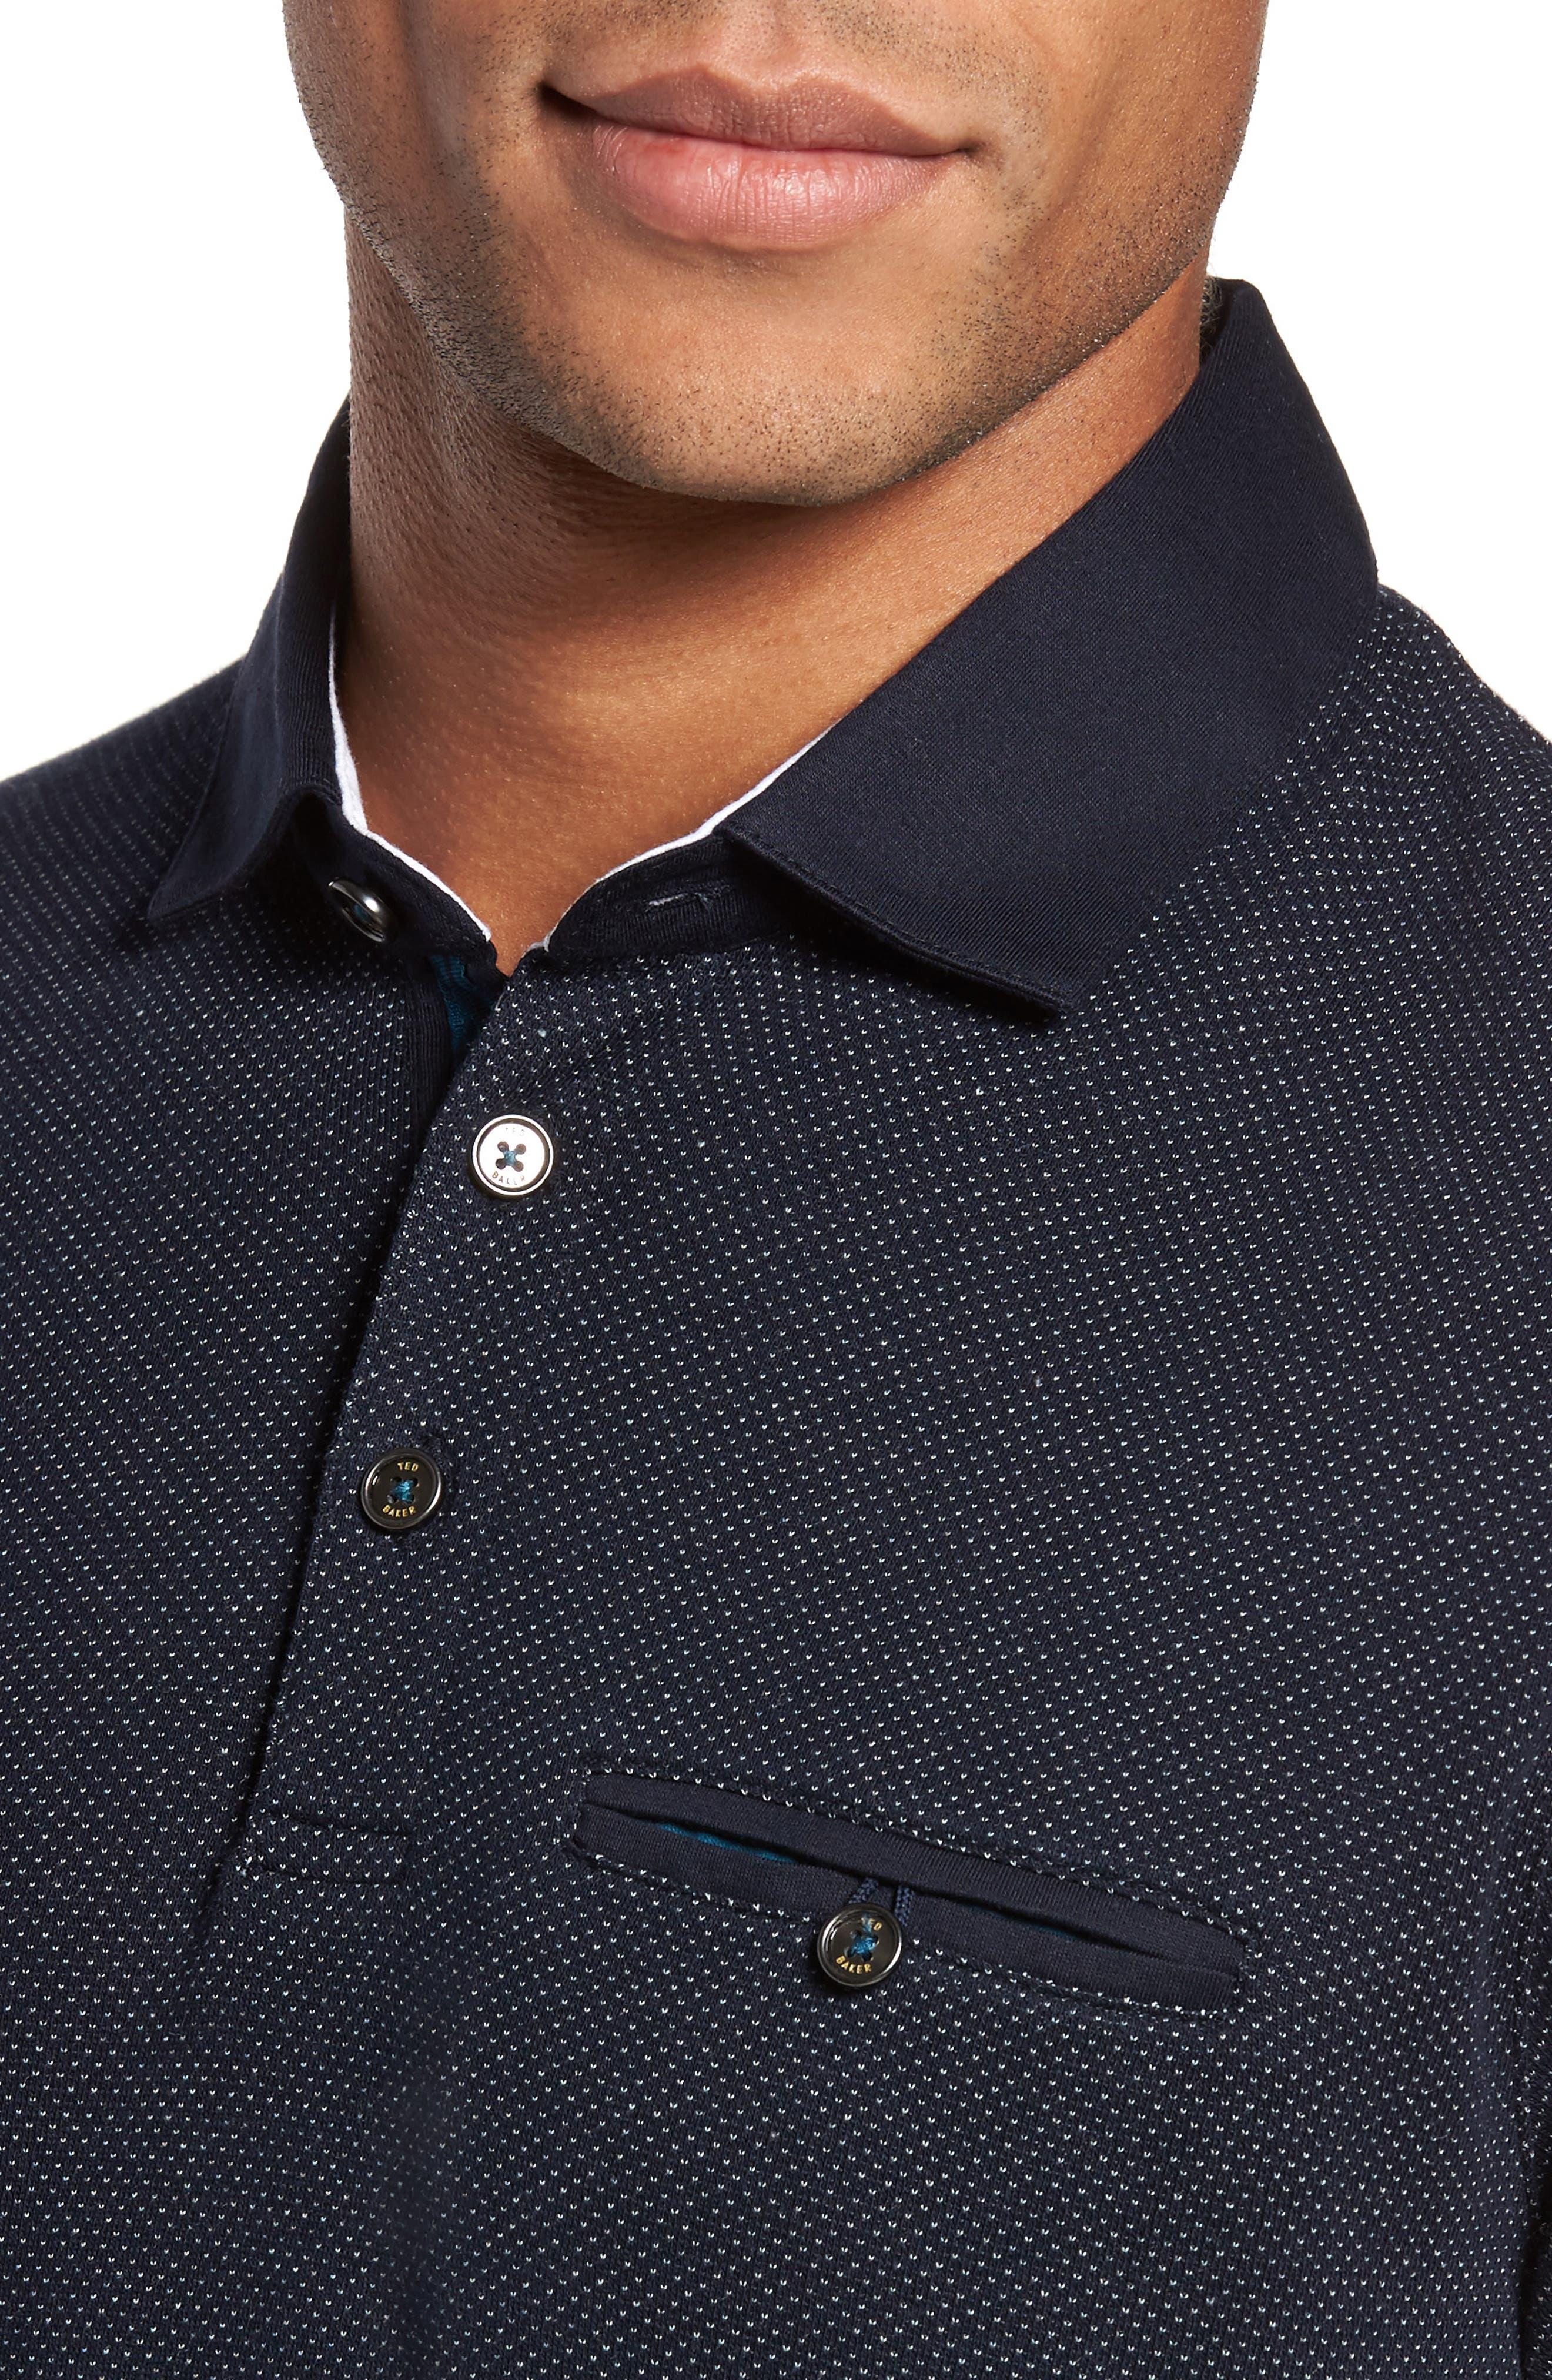 Alburt Modern Slim Fit Polo,                             Alternate thumbnail 4, color,                             Navy